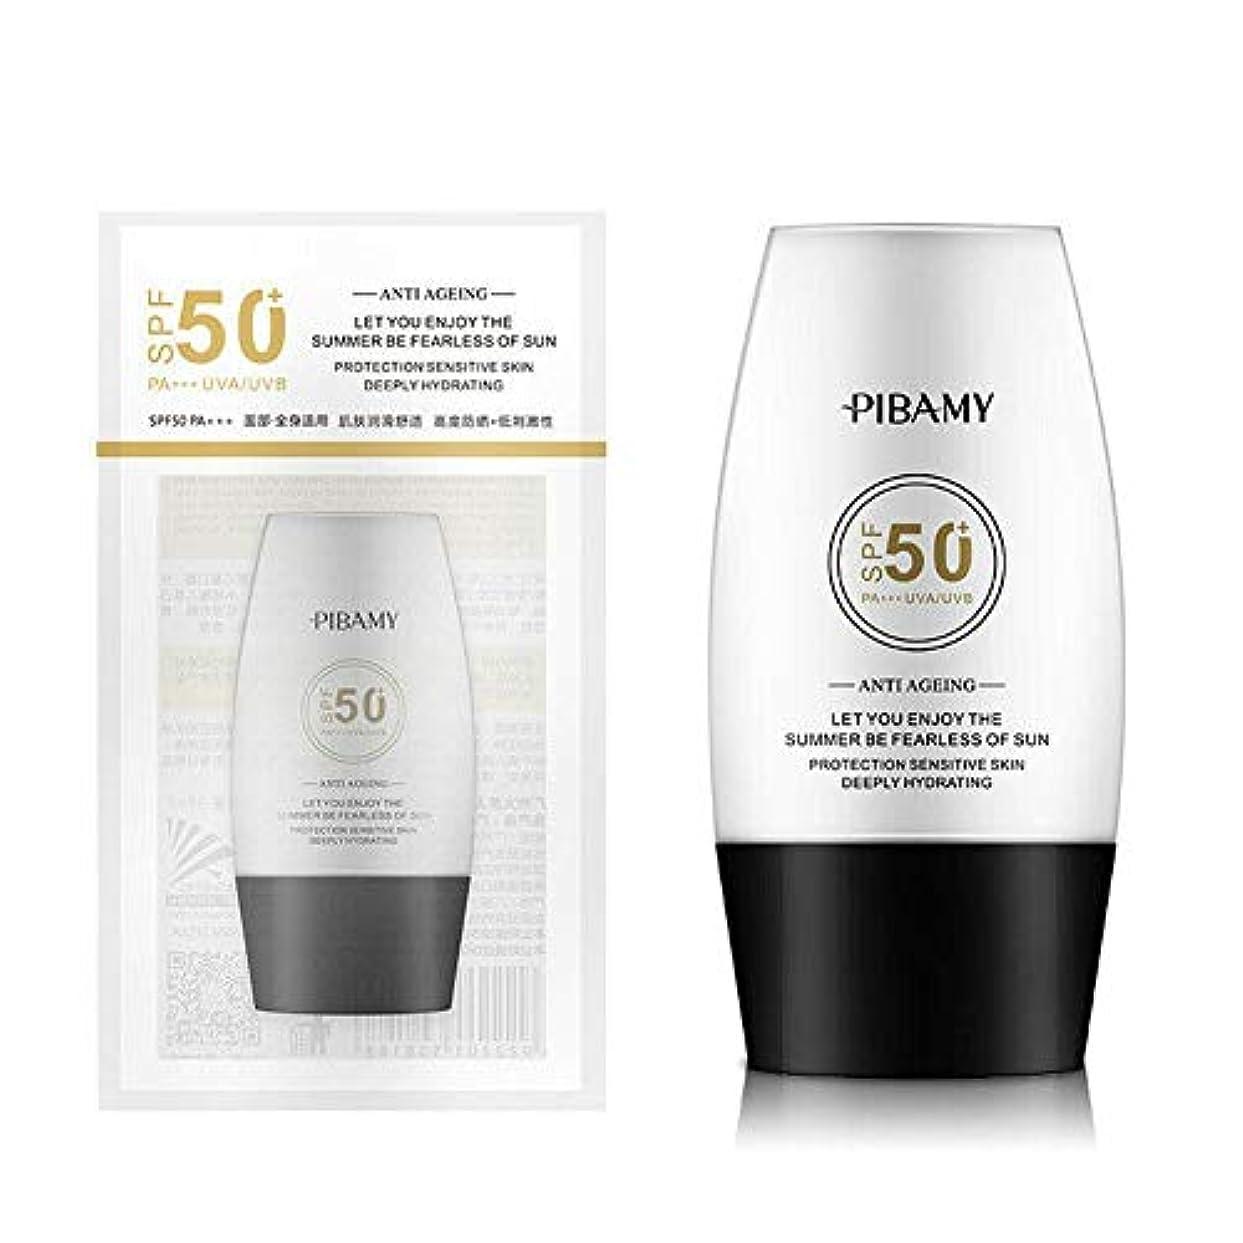 癌赤外線光BETTER YOU (ベター ュー) 日焼けどめクリーム 顔 全身用 防水 紫外線を防ぐ 肌を明るくする 水分を補充する